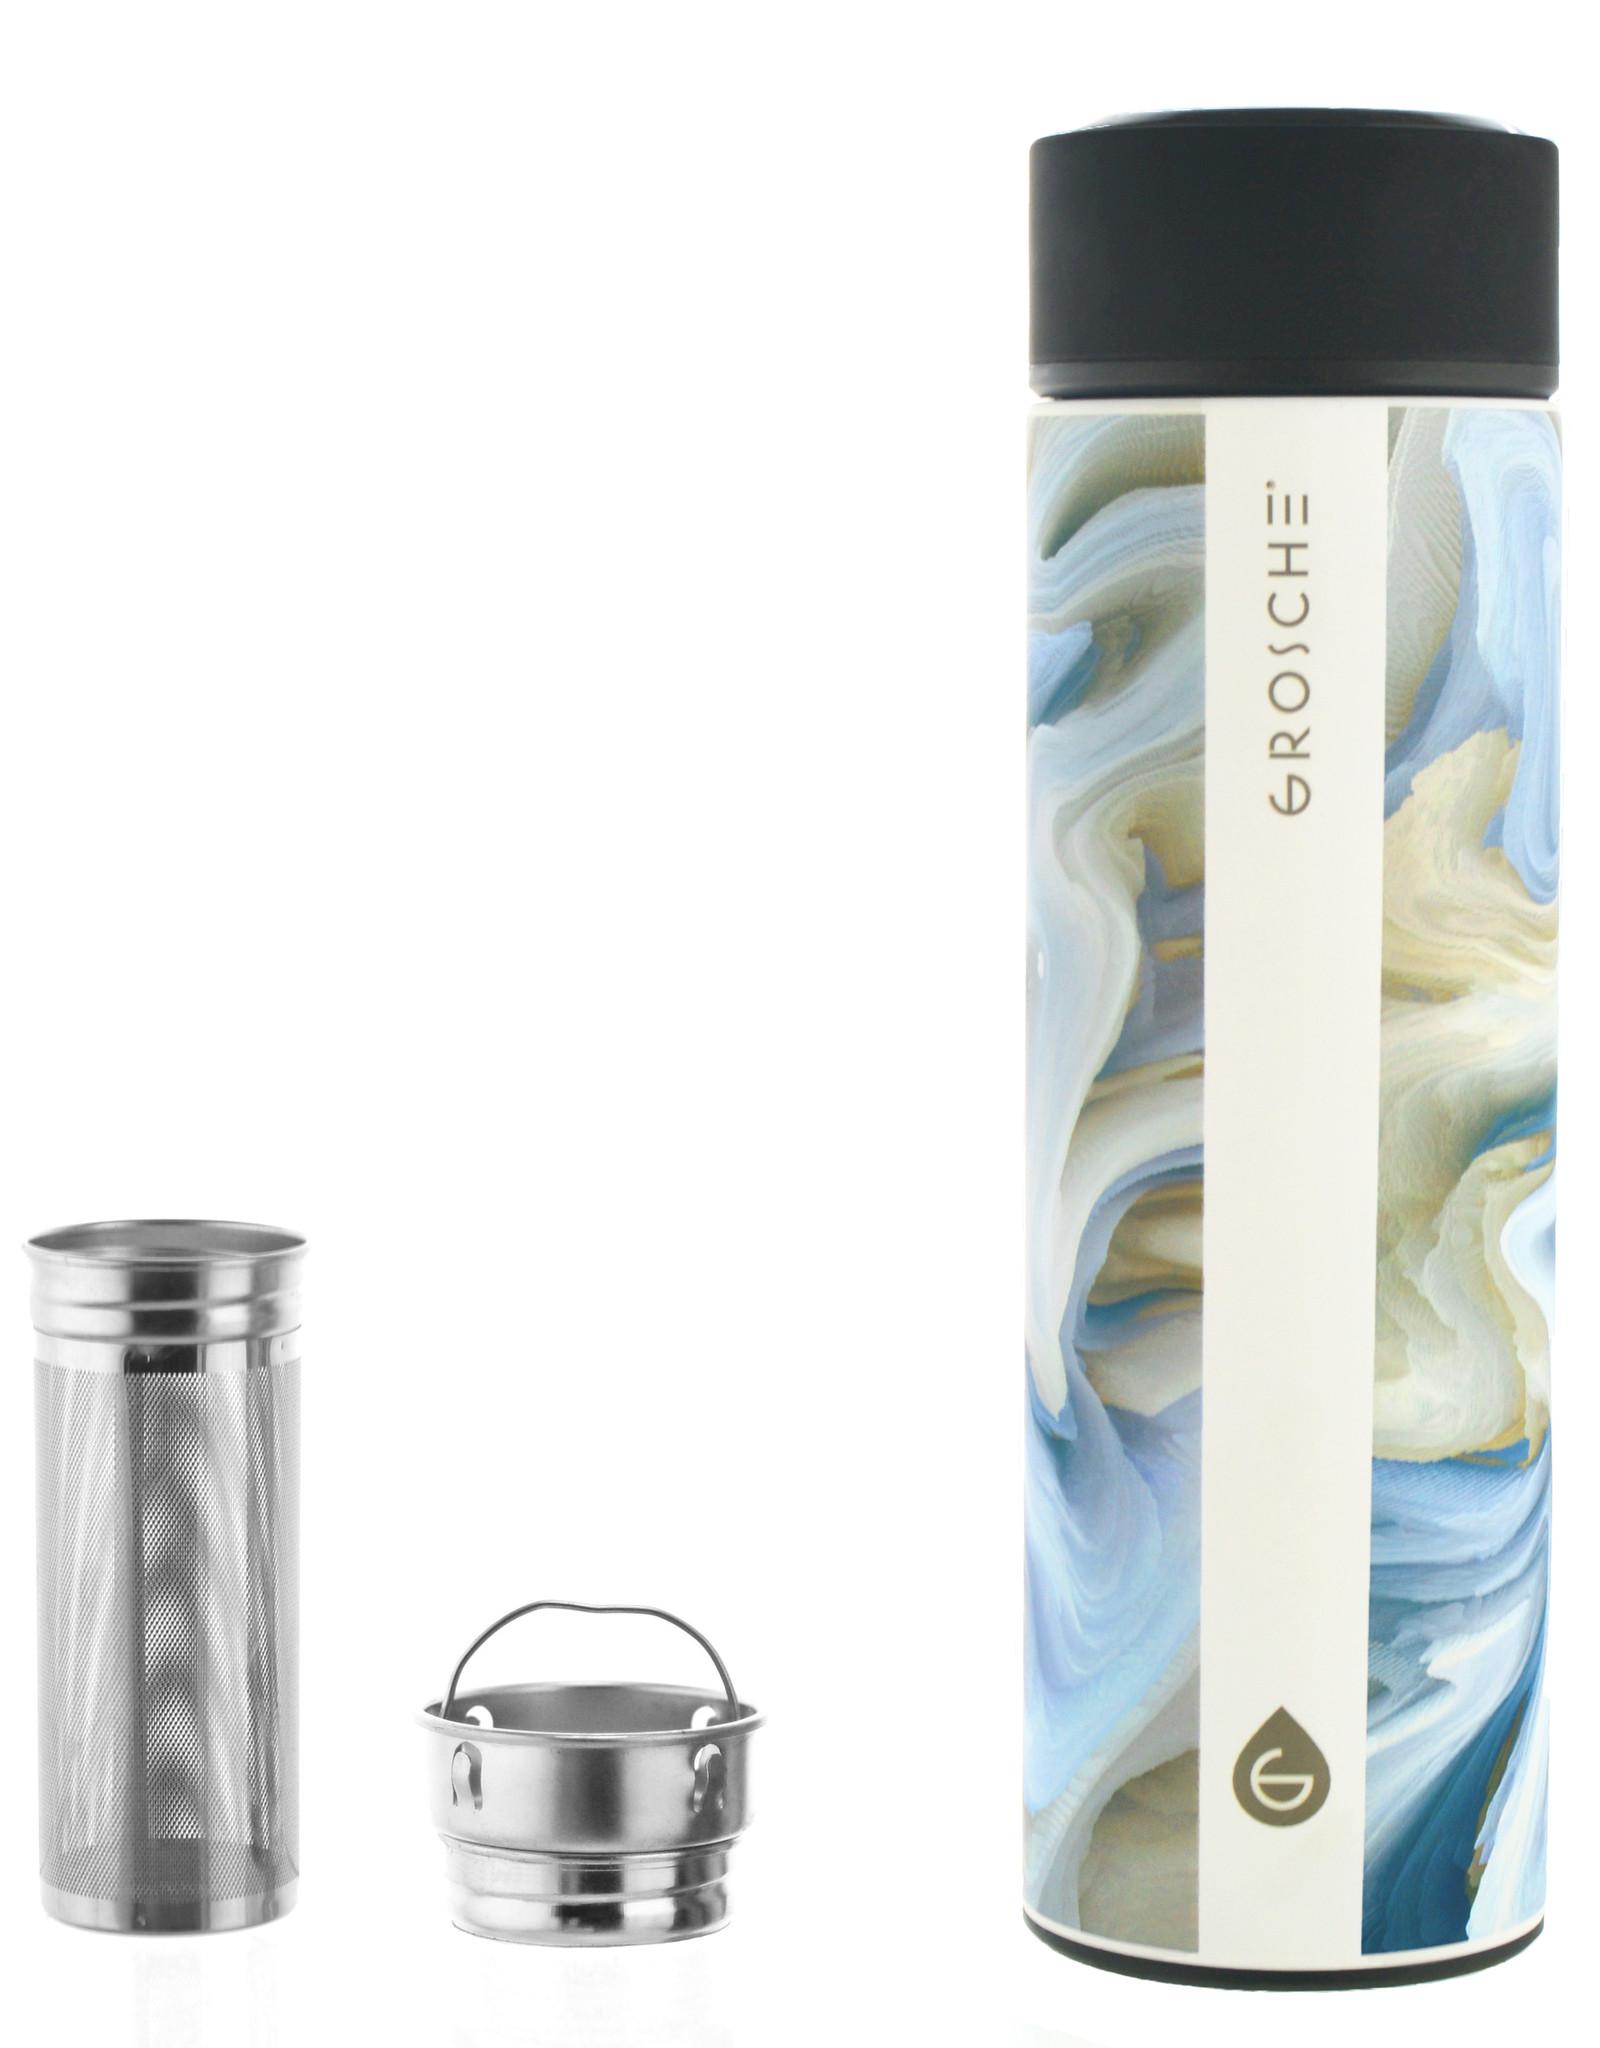 Grosche Bouteille d'infusion pour thé/eau 'Chicago' 450ML